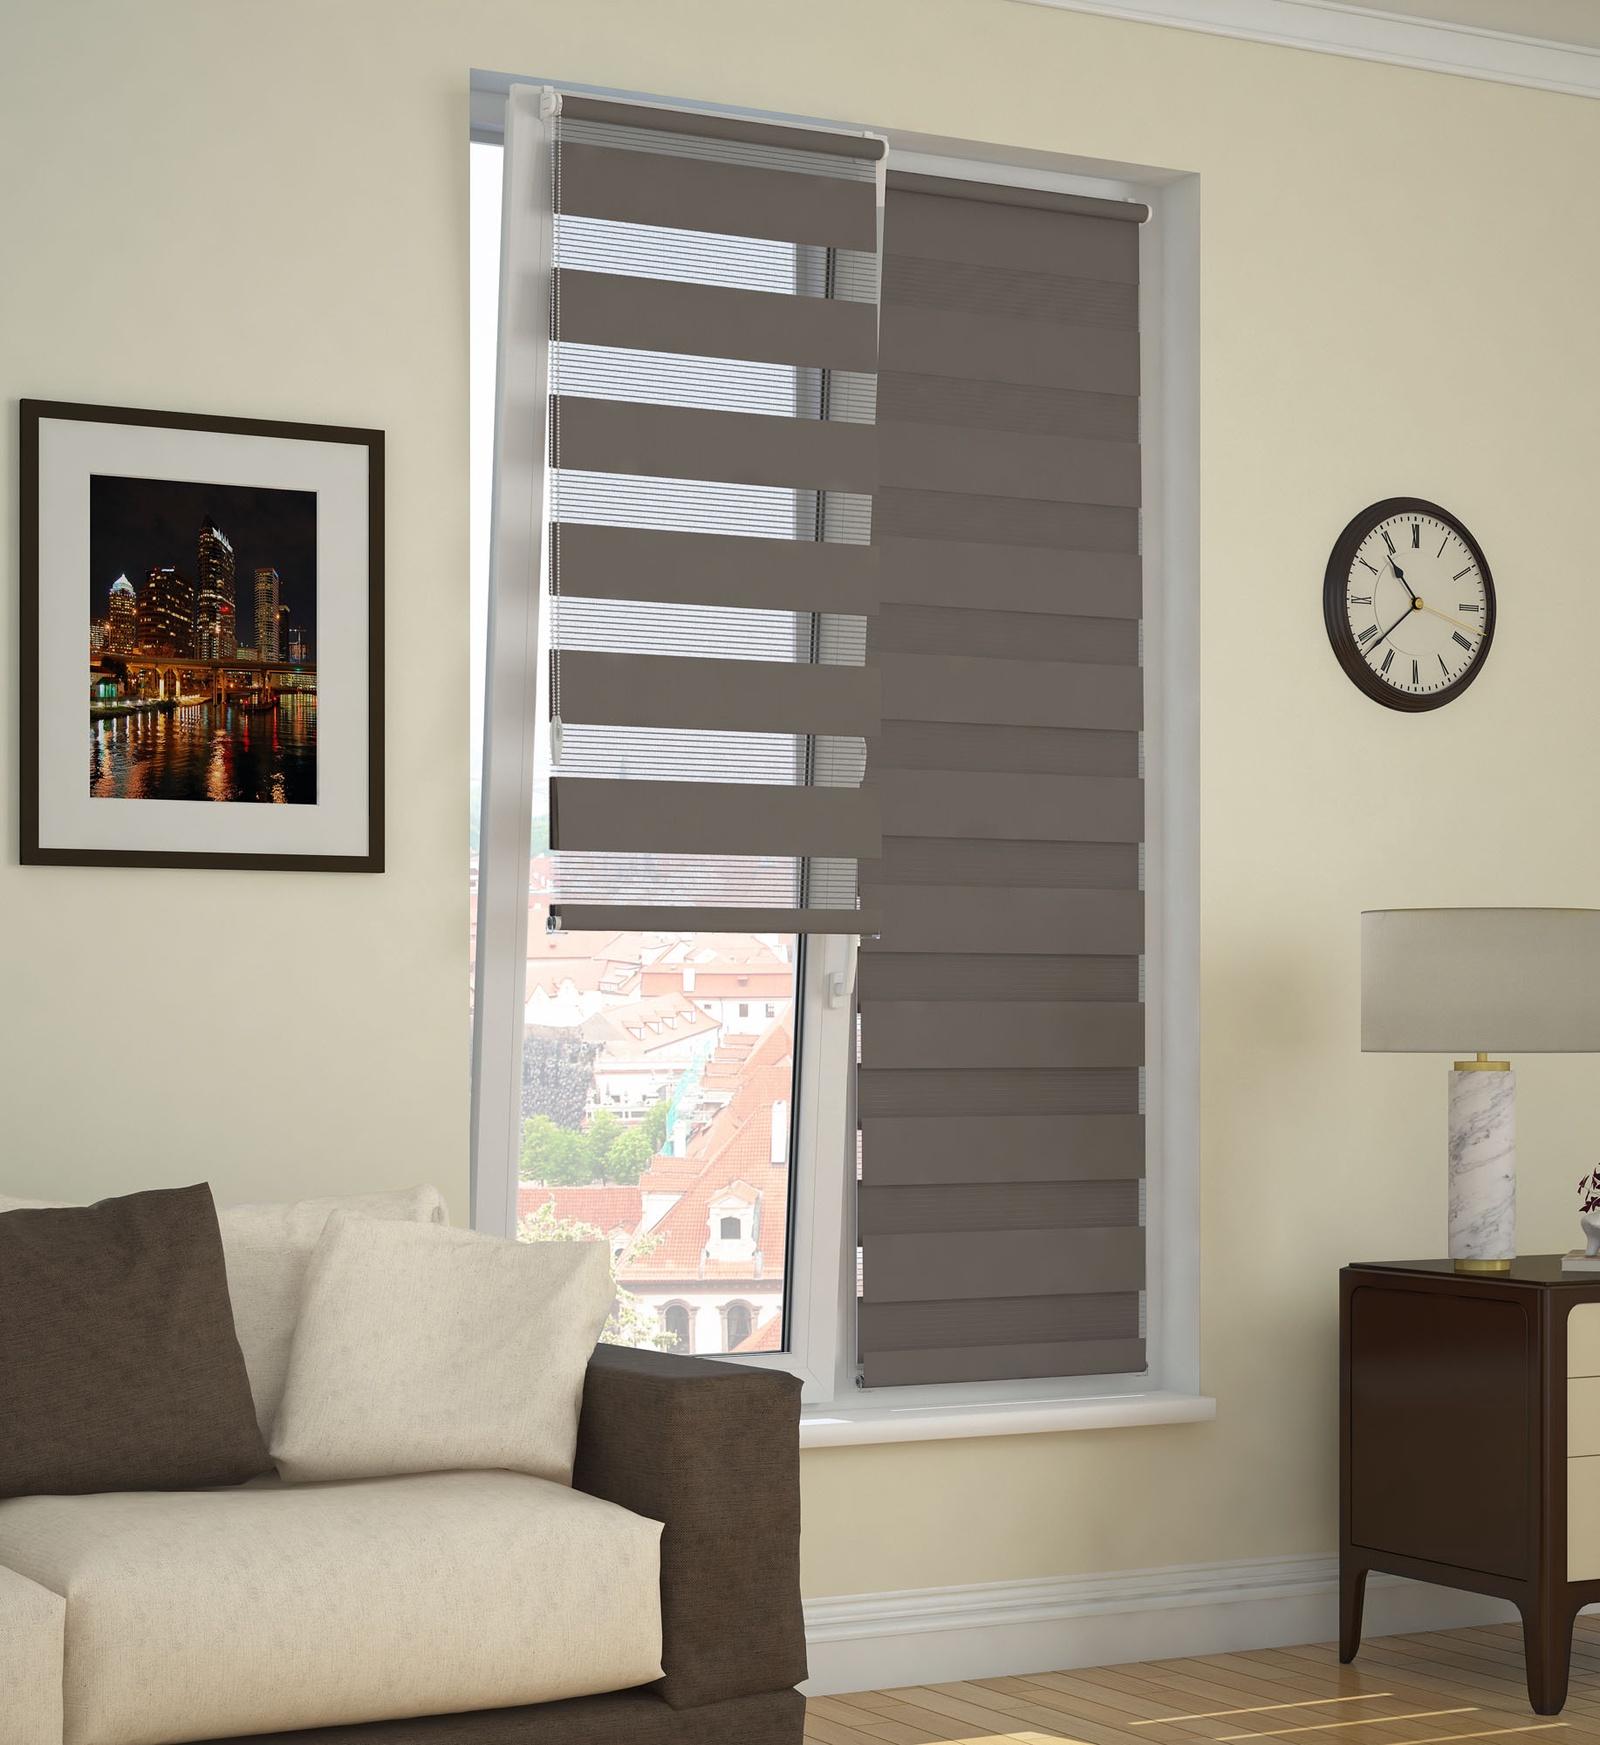 Фото - Рулонные шторы DDA 71073, коричневый рулонные шторы dda прованс принт 48x170 см